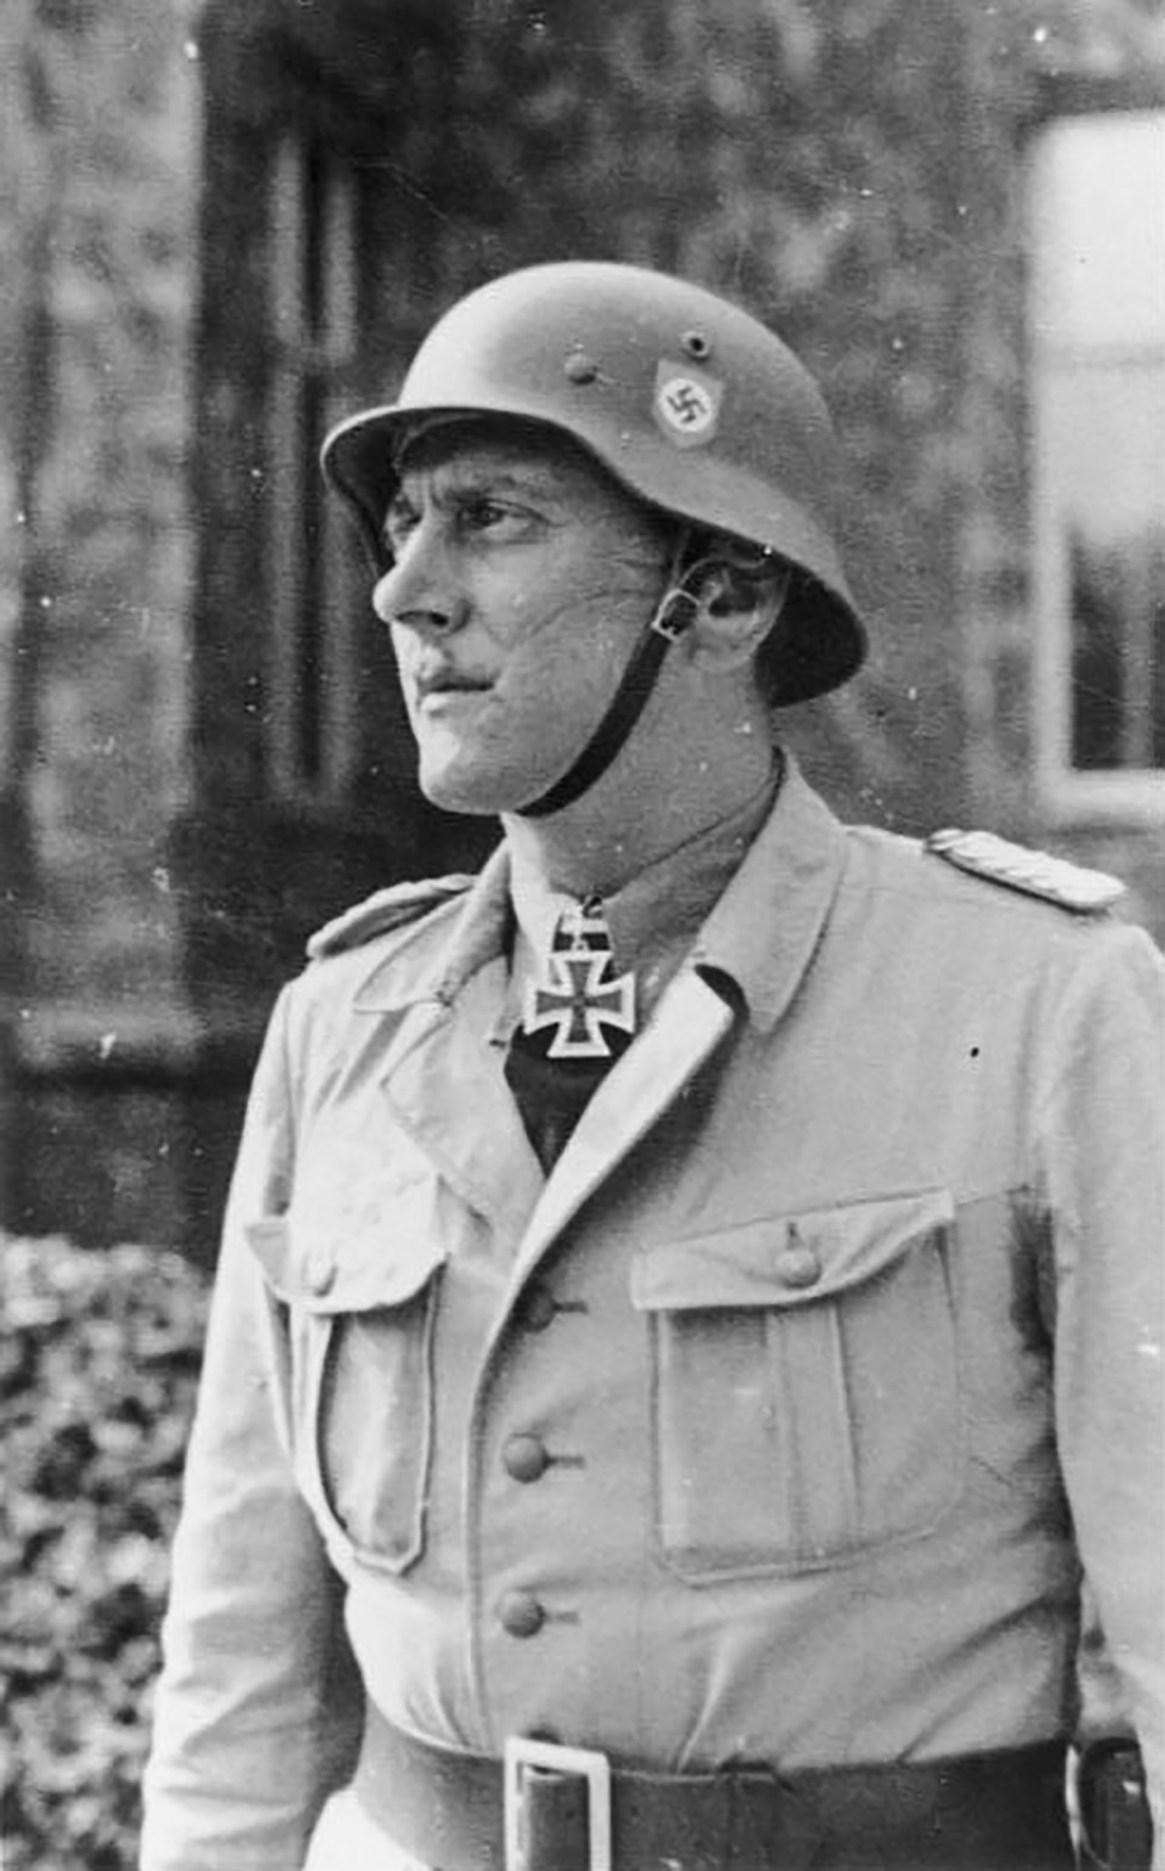 Hitler le confiaba a Skorzeny misiones especiales de alto riesgo